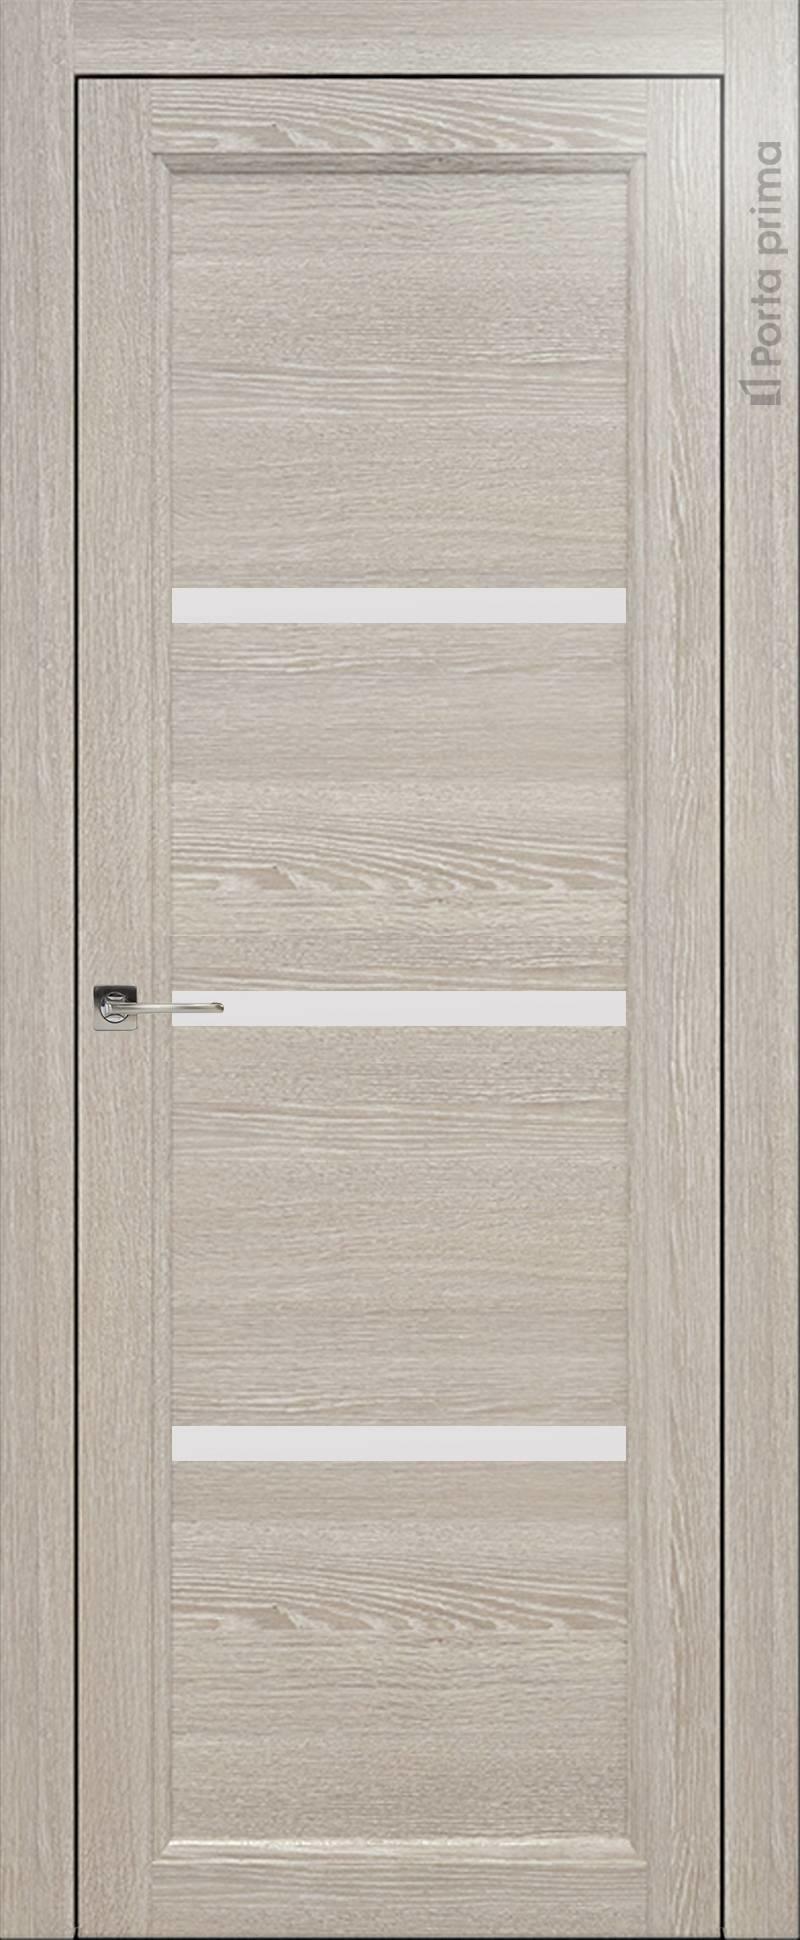 Sorrento-R Д3 цвет - Серый дуб Без стекла (ДГ)